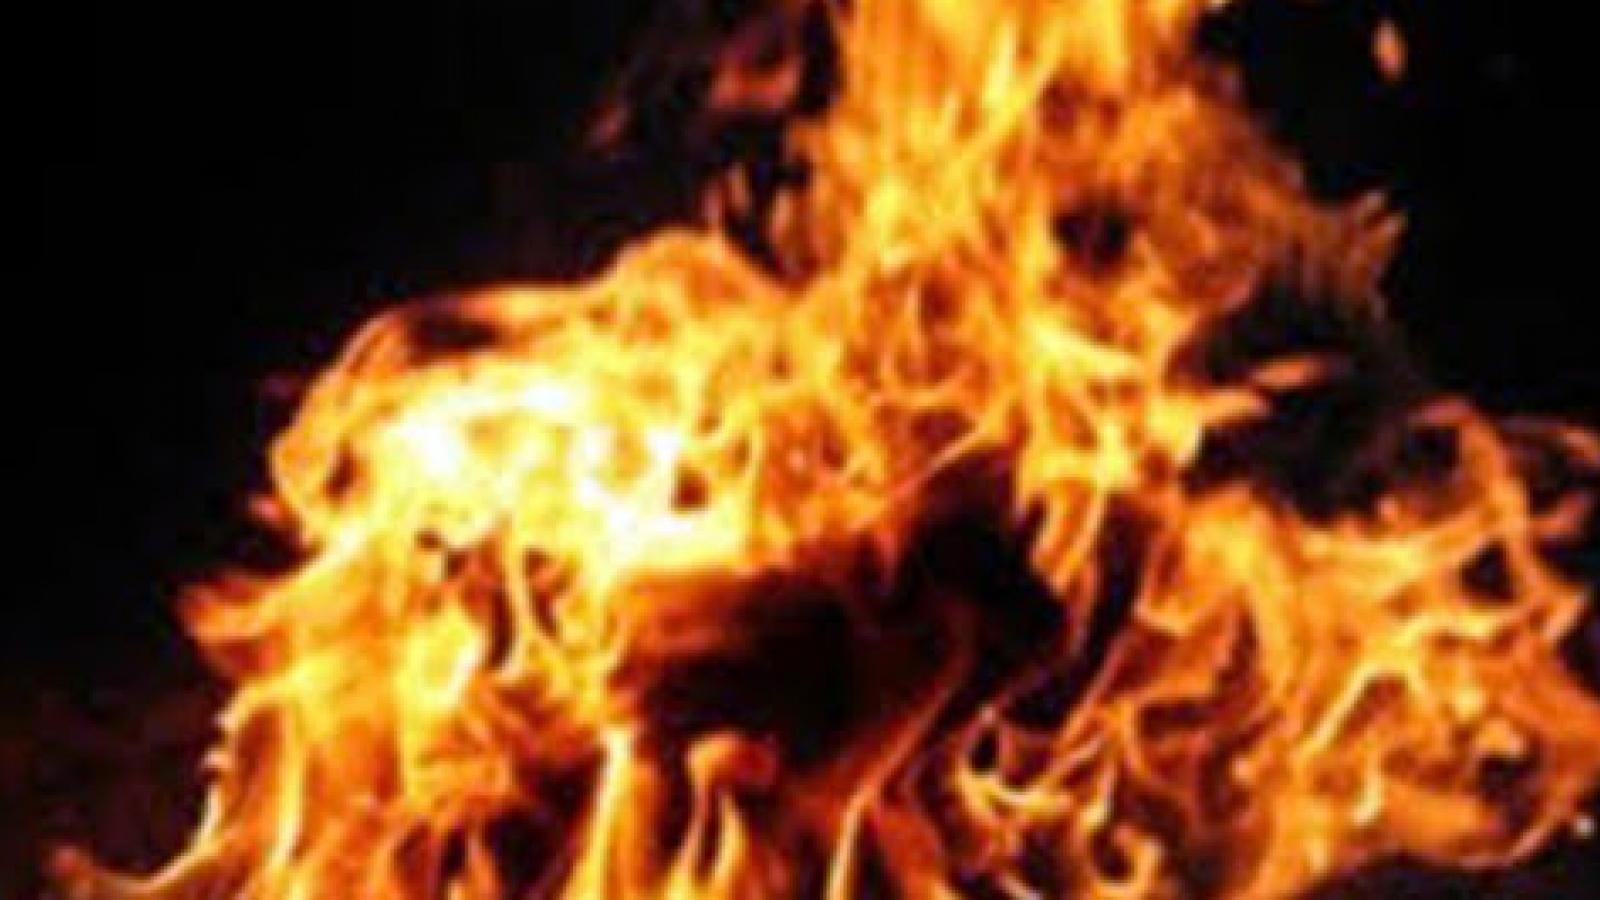 Con trai tẩm xăng đốt cha nhập viện cấp cứu